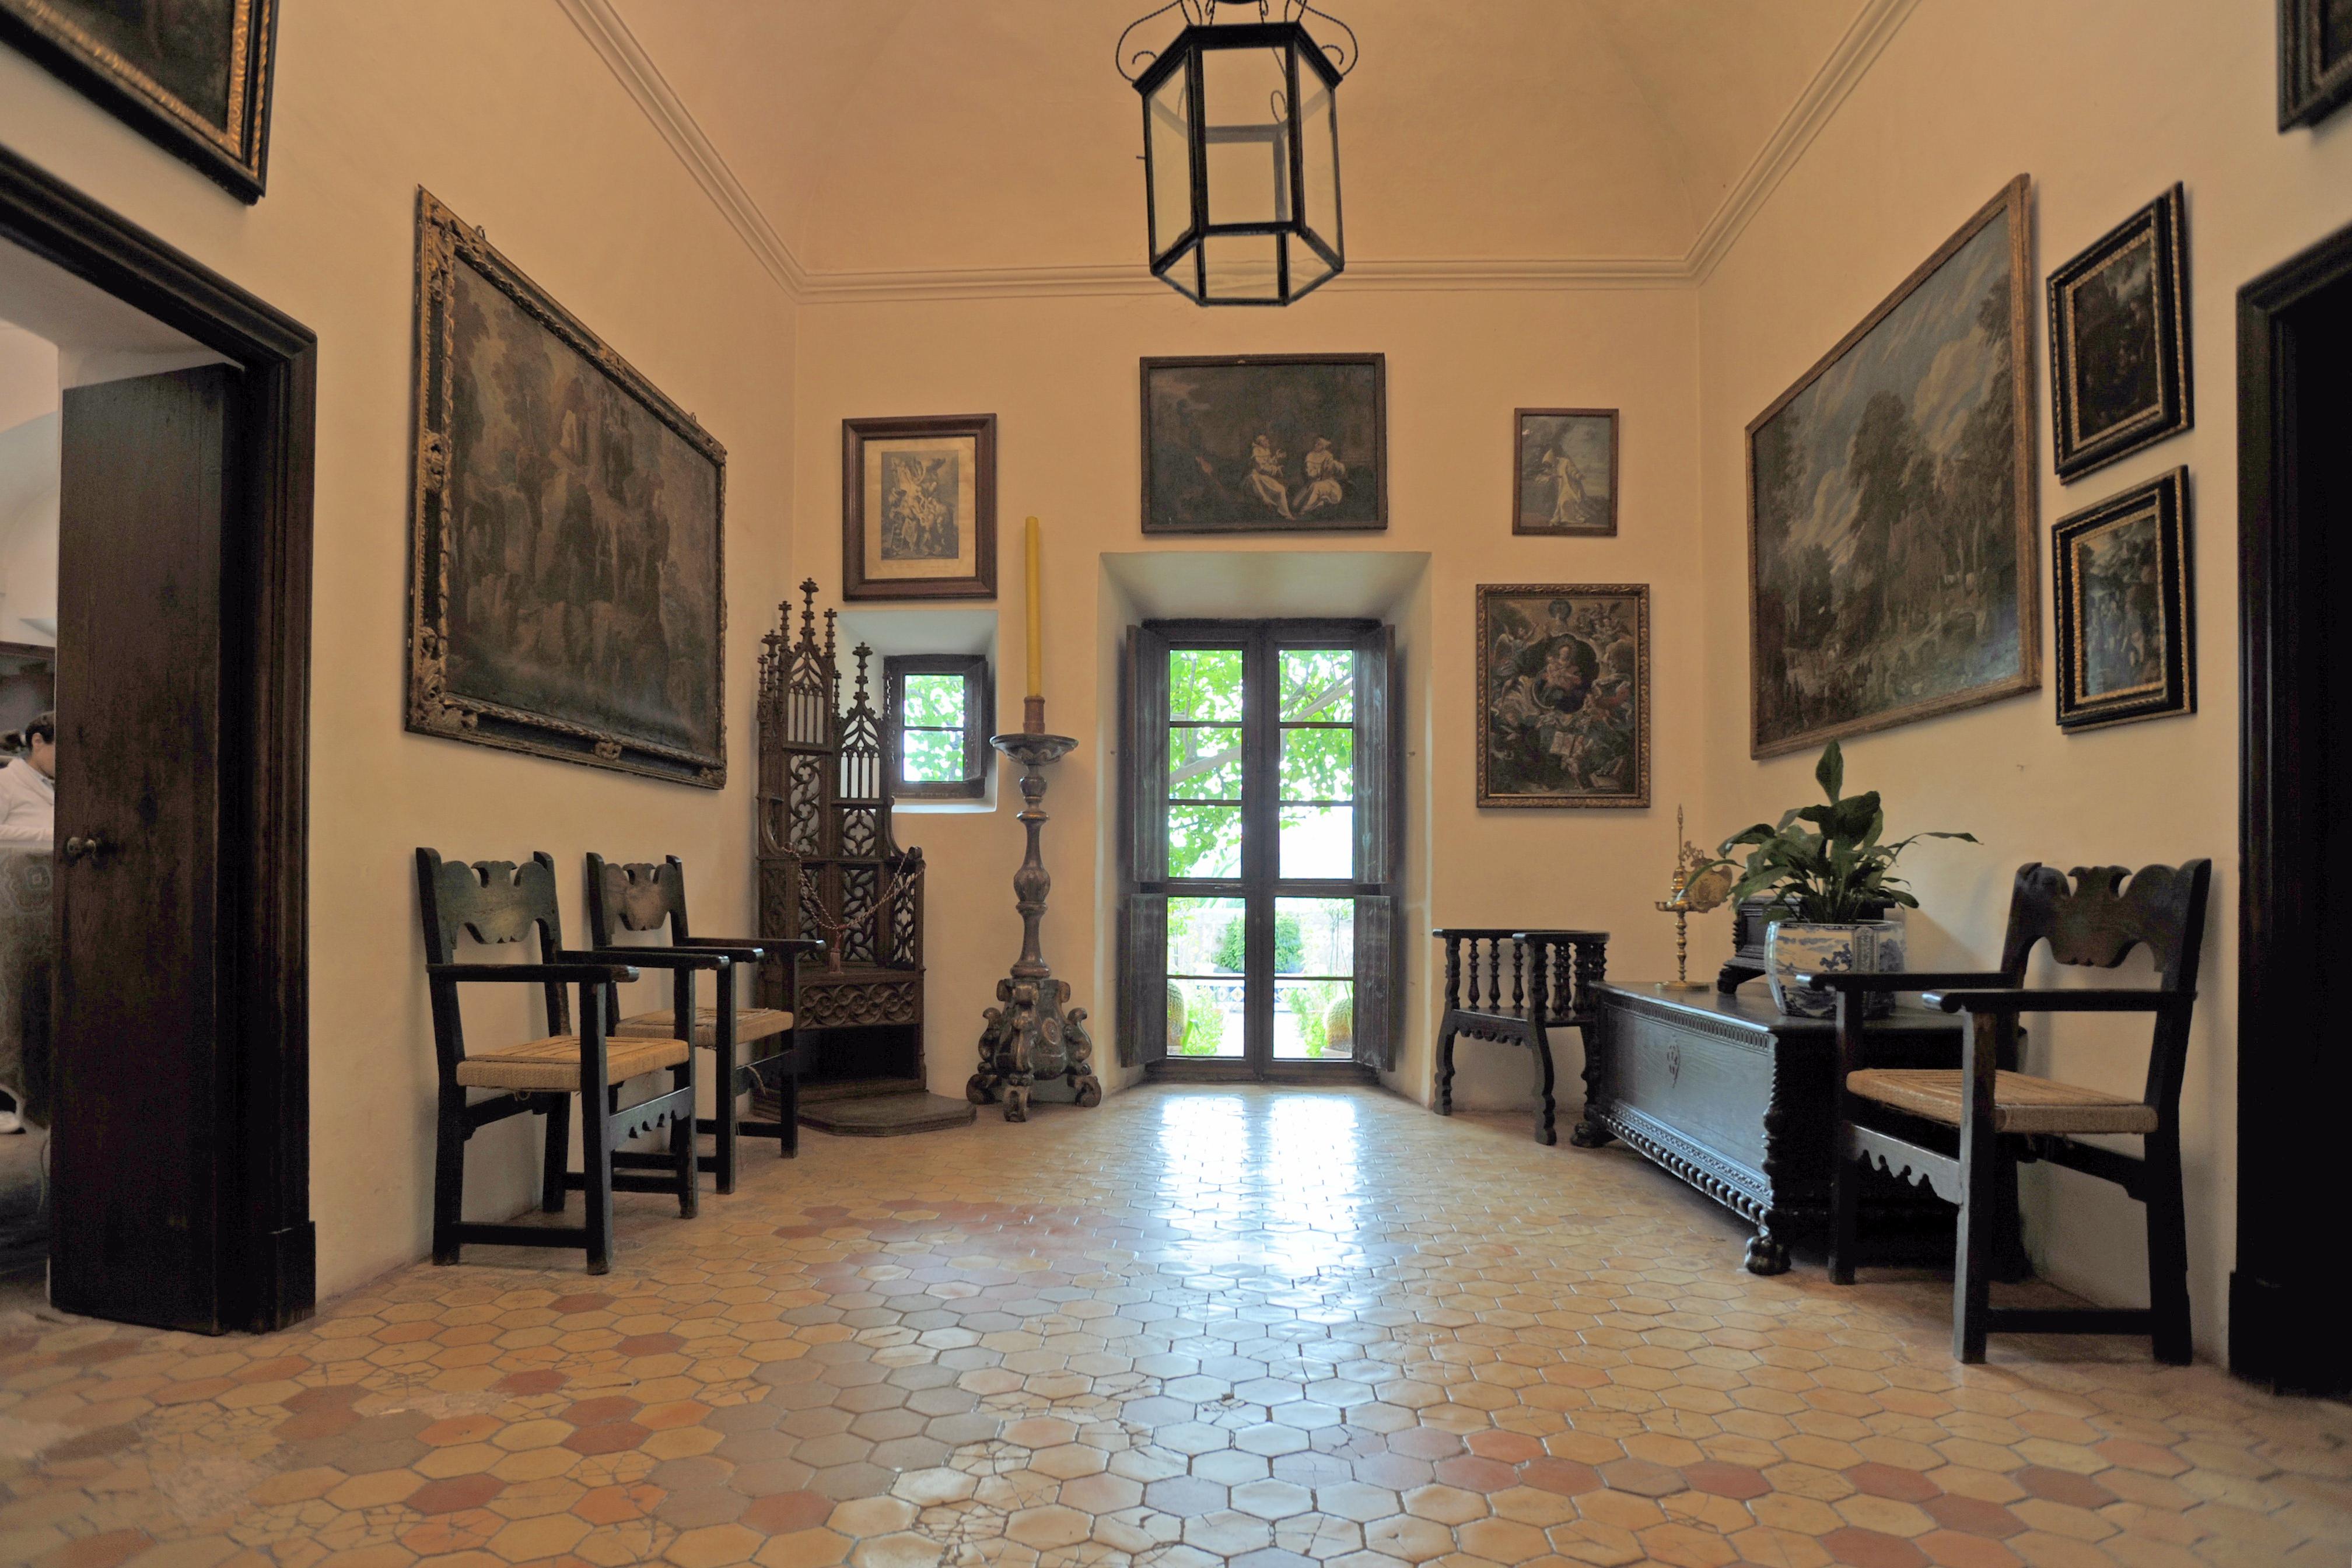 Het kartuizerklooster van valldemossa in majorca - Kamer van brood ...